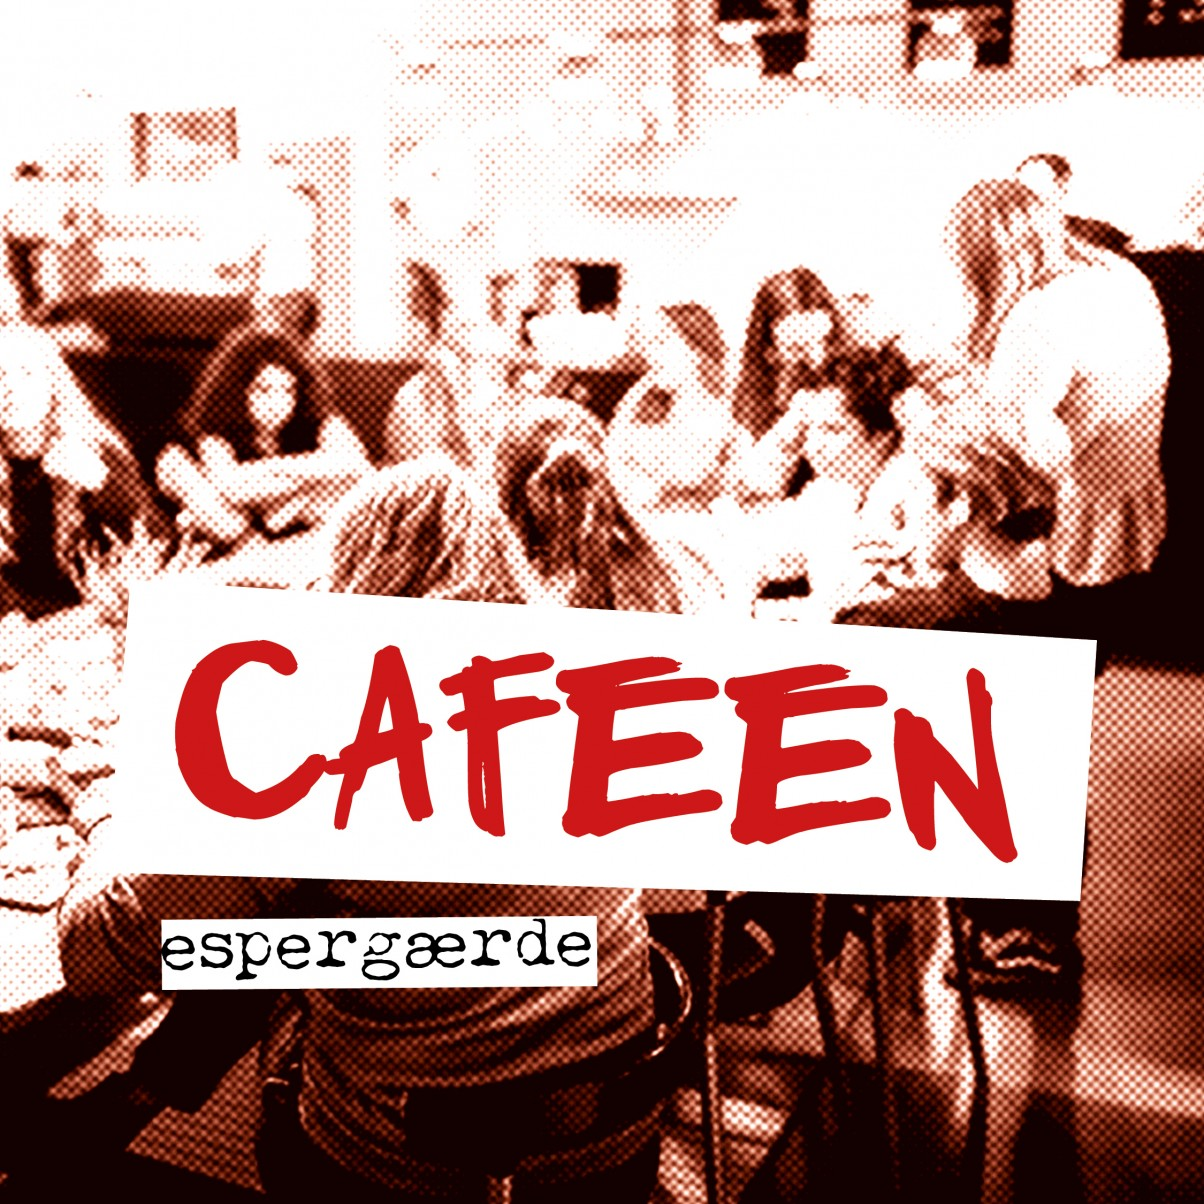 Dekoration_Cafeen_Espergaerde